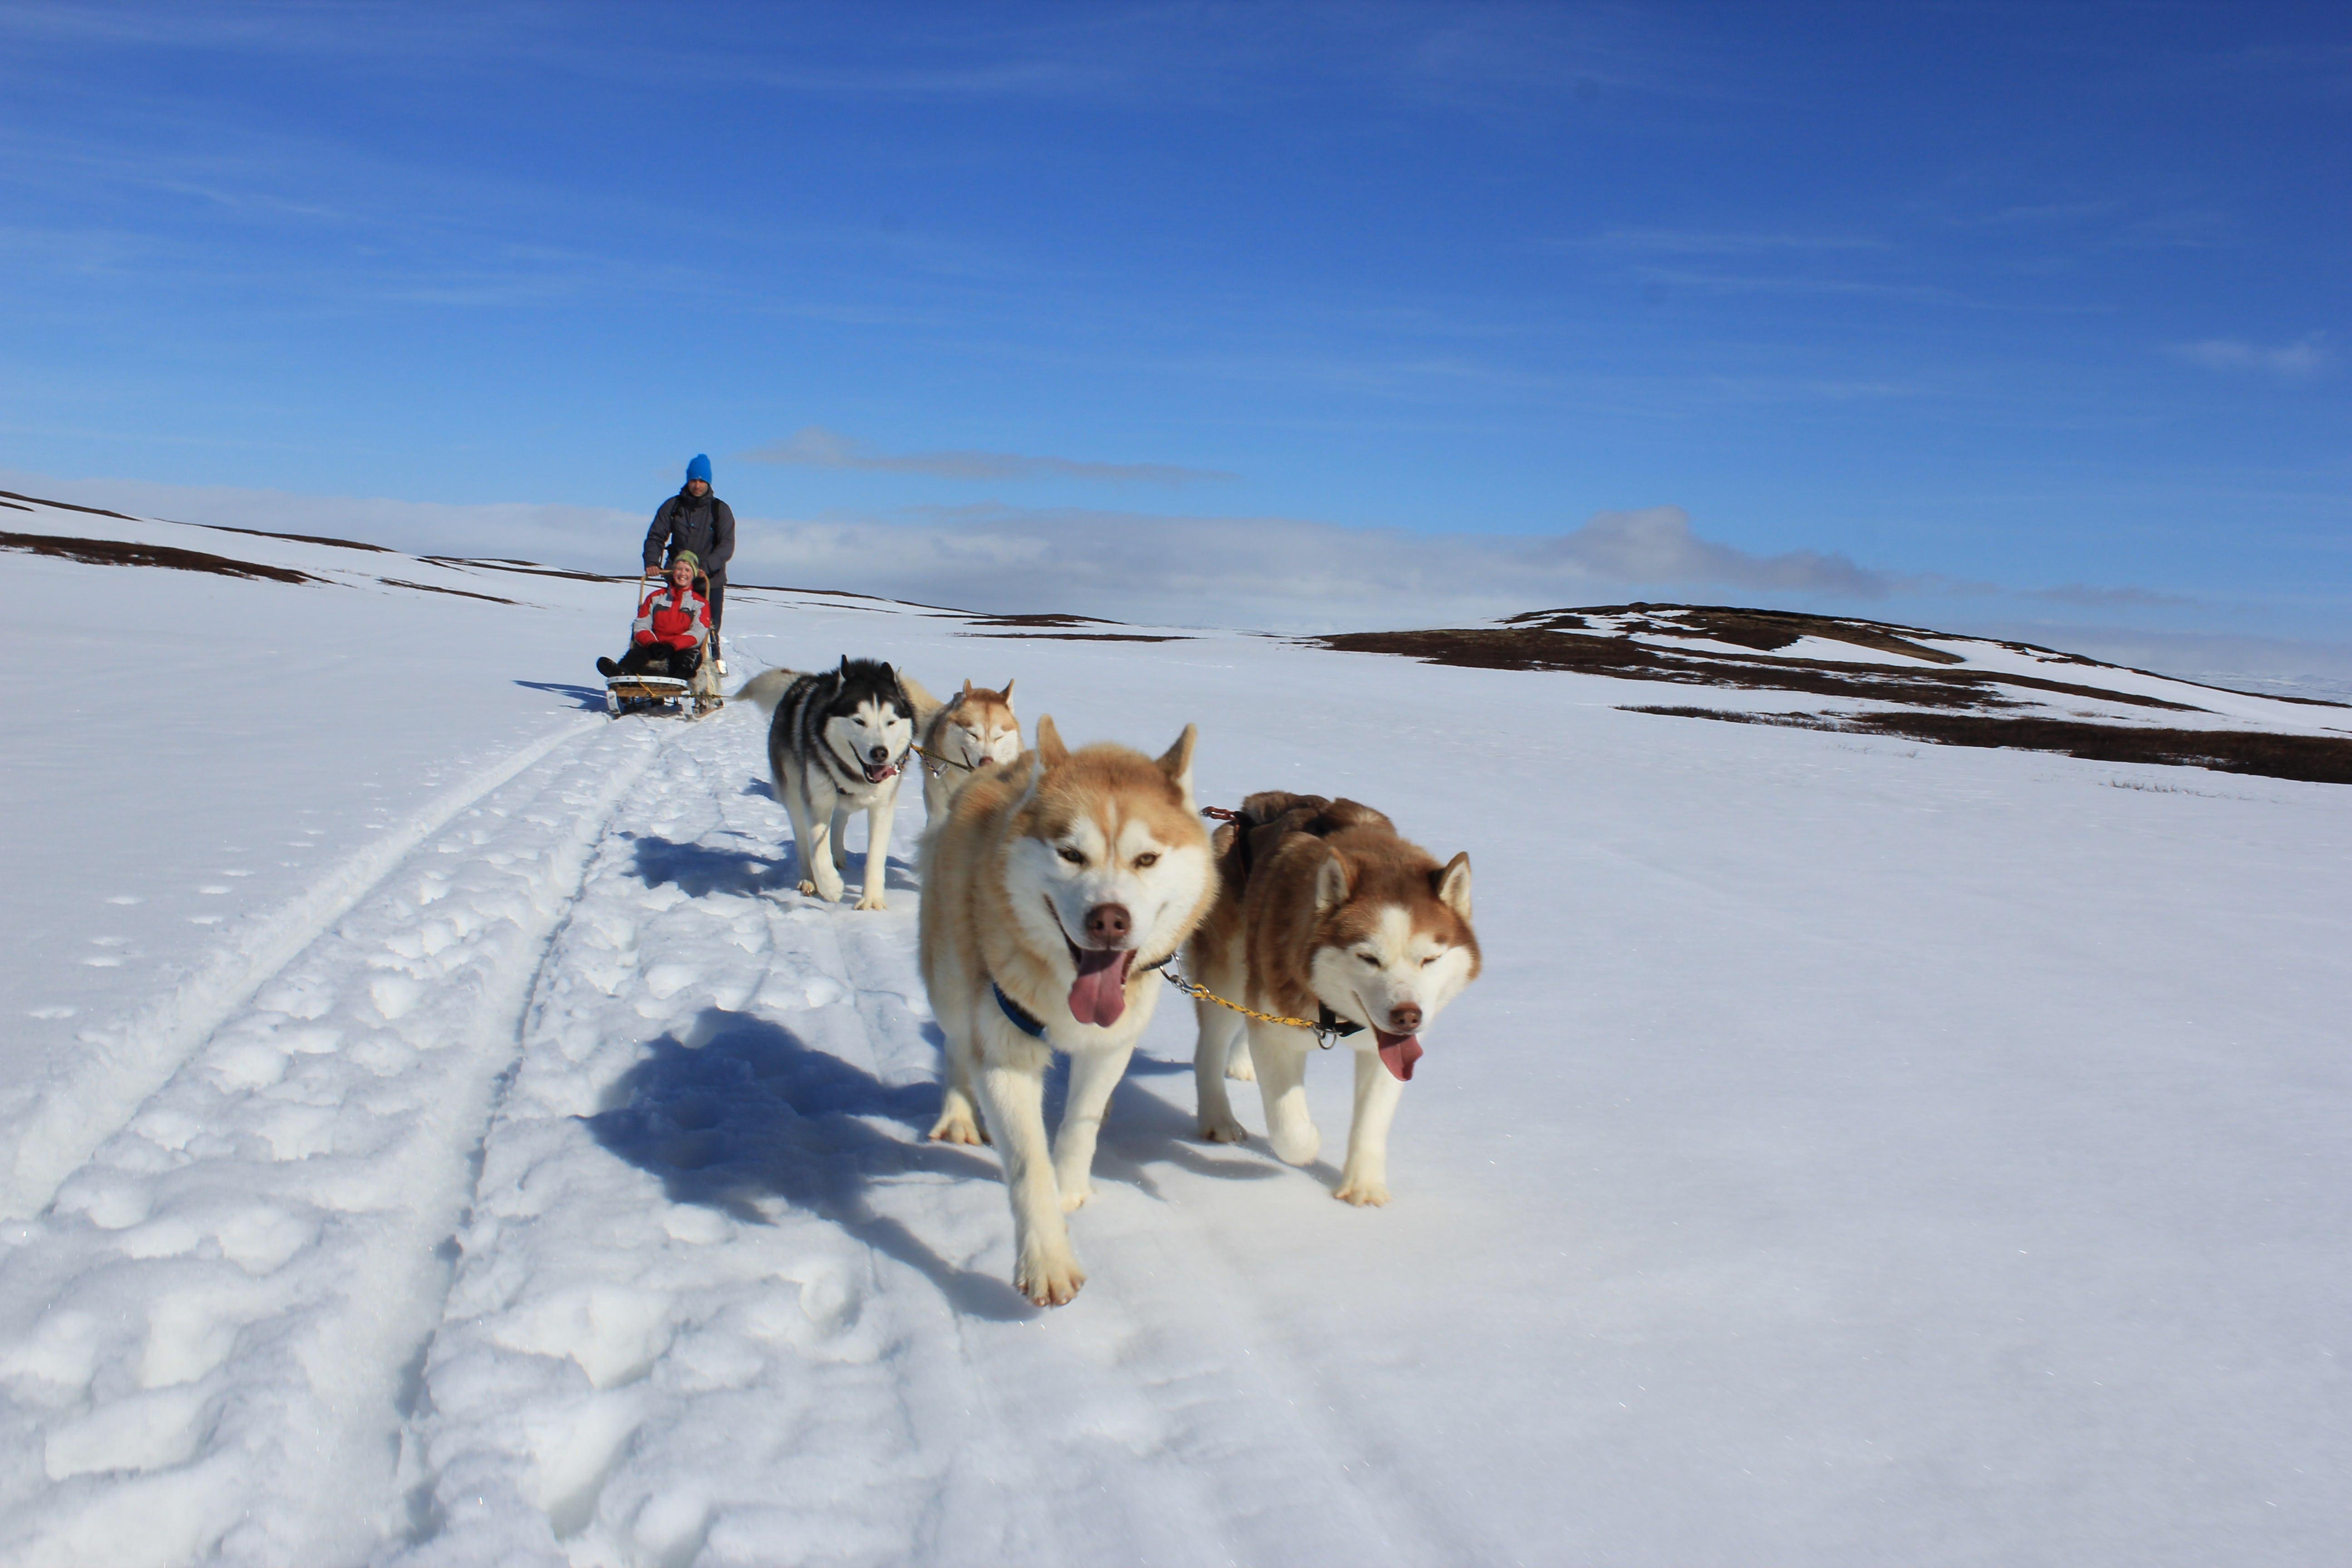 พุ่งข้ามชนบทของประเทศไอซ์แลนด์โดยอยู่ด้านหลังทีมสุนัขไซบีเรียน ฮัสกี้